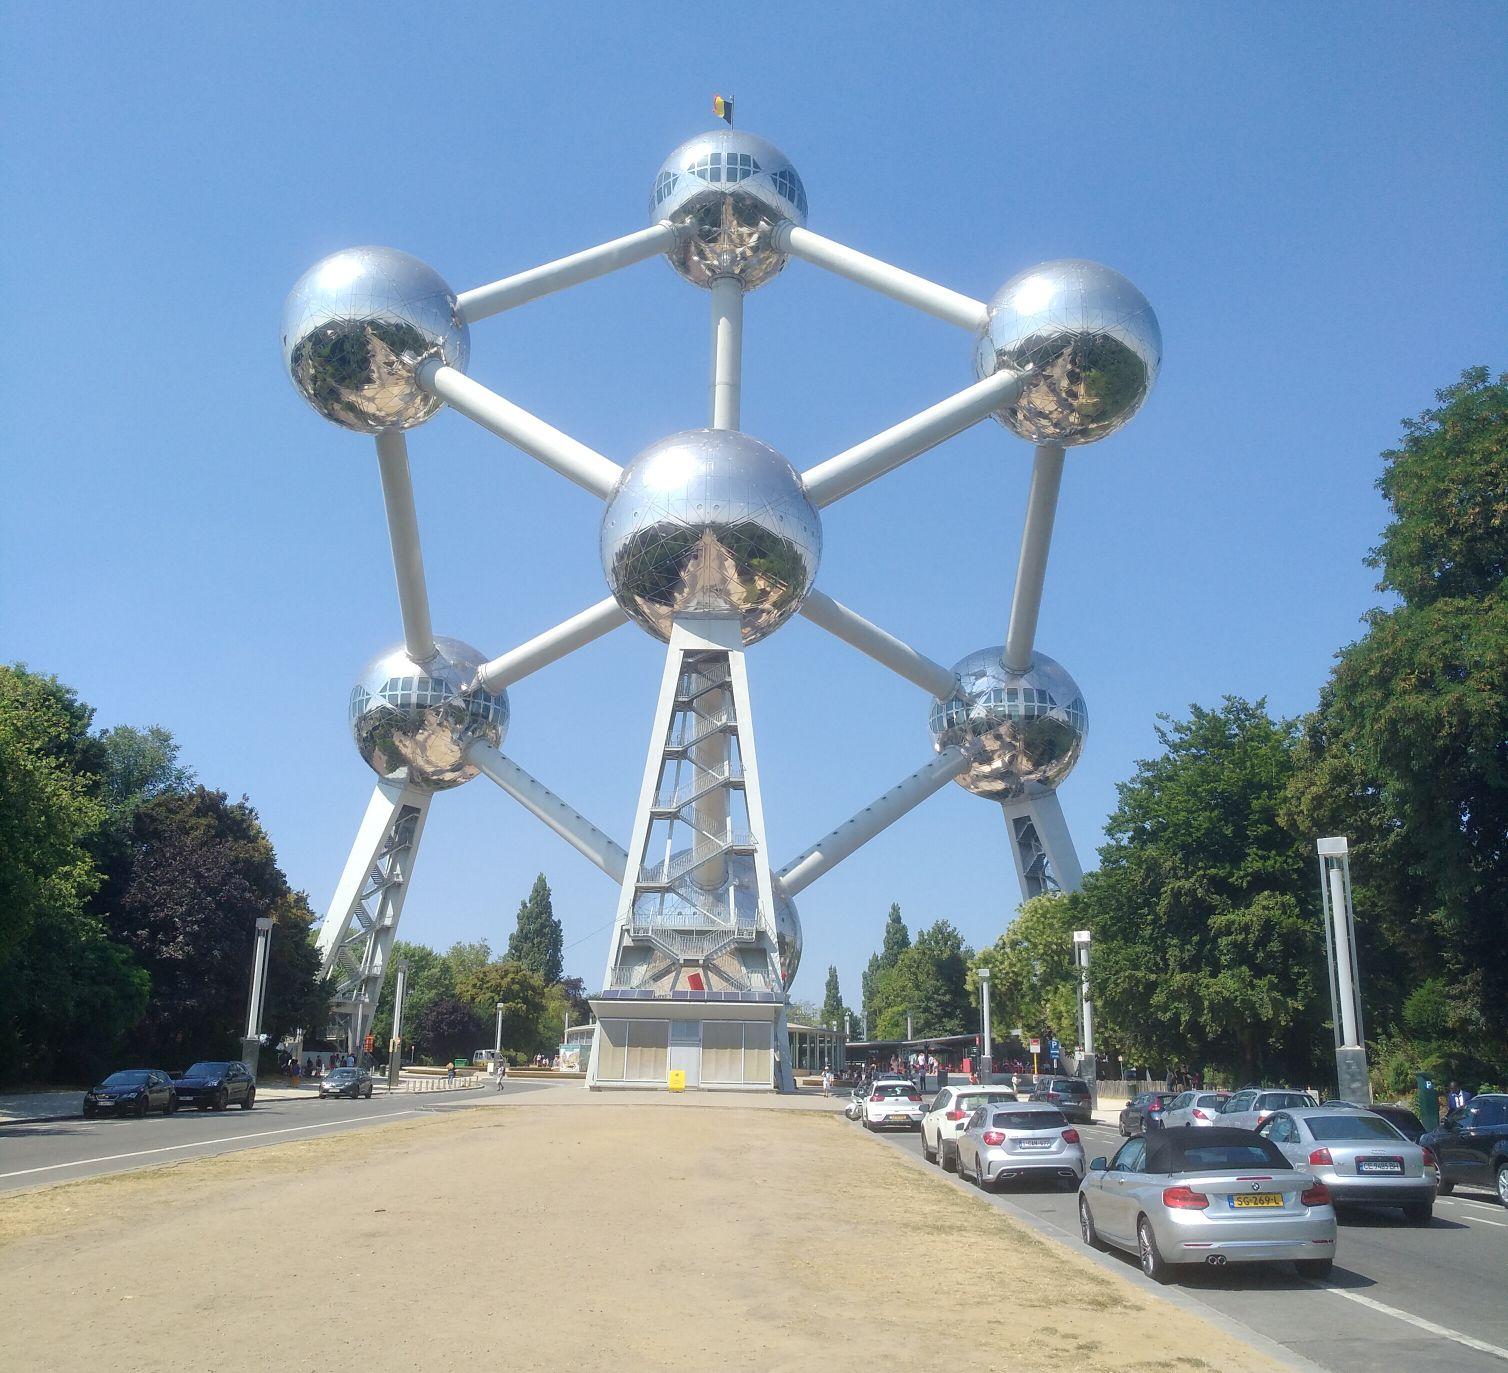 Gratis 3 uitjes in België (o.a. Het Atomium, De Koninck, Gravensteen en het Bastogne War Museum)